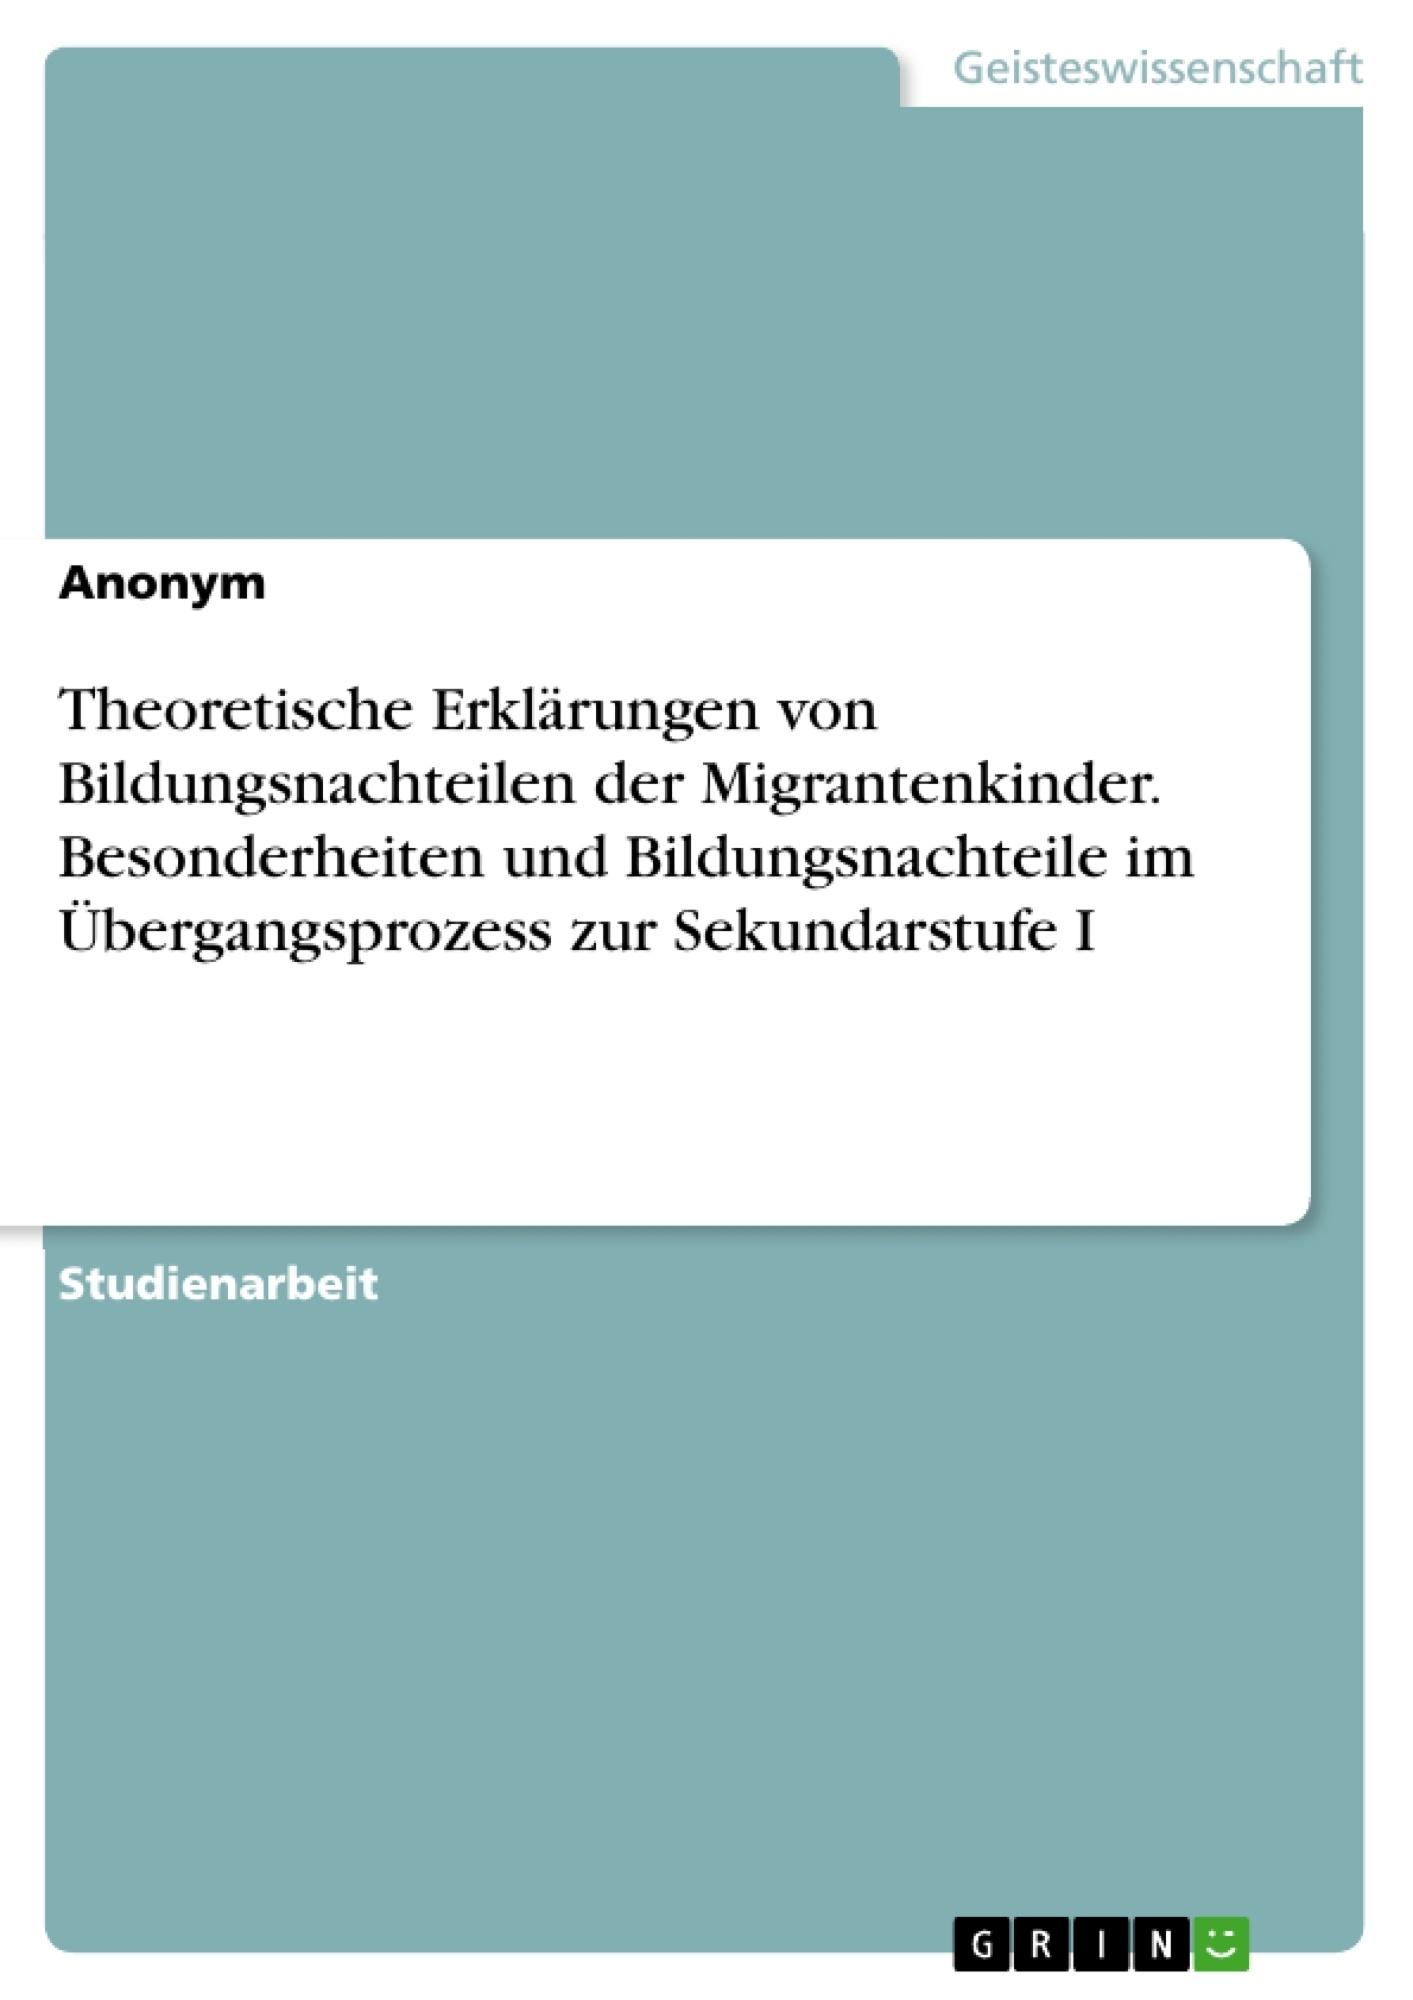 Titel: Theoretische Erklärungen  von Bildungsnachteilen der Migrantenkinder. Besonderheiten und Bildungsnachteile im Übergangsprozess zur Sekundarstufe I